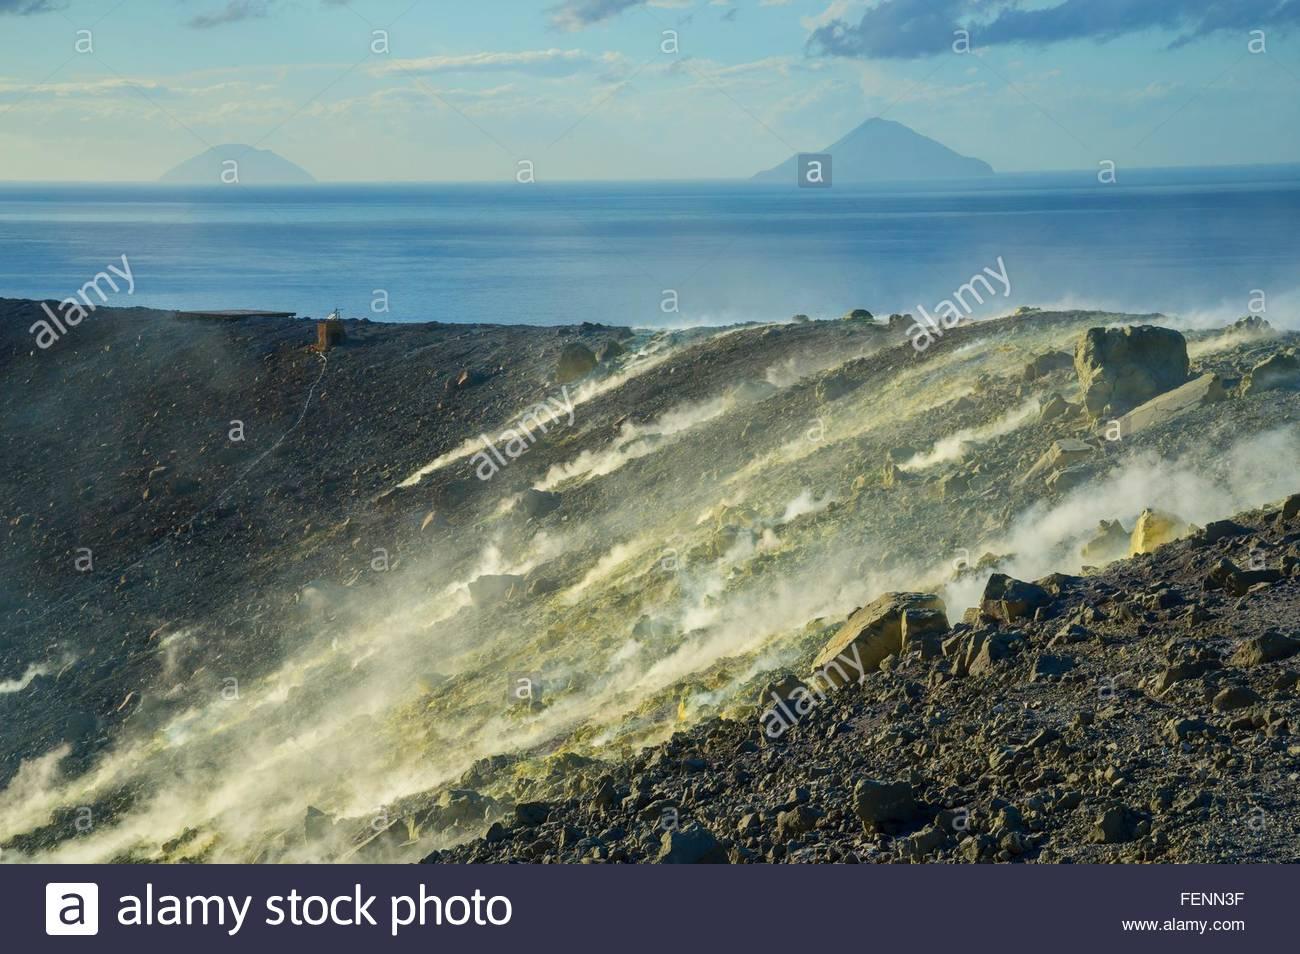 Schwefel und Fumarolen Rauch auf Gran Cratere Vulcano Insel Äolischen Inseln, Sizilien, Italien Stockbild